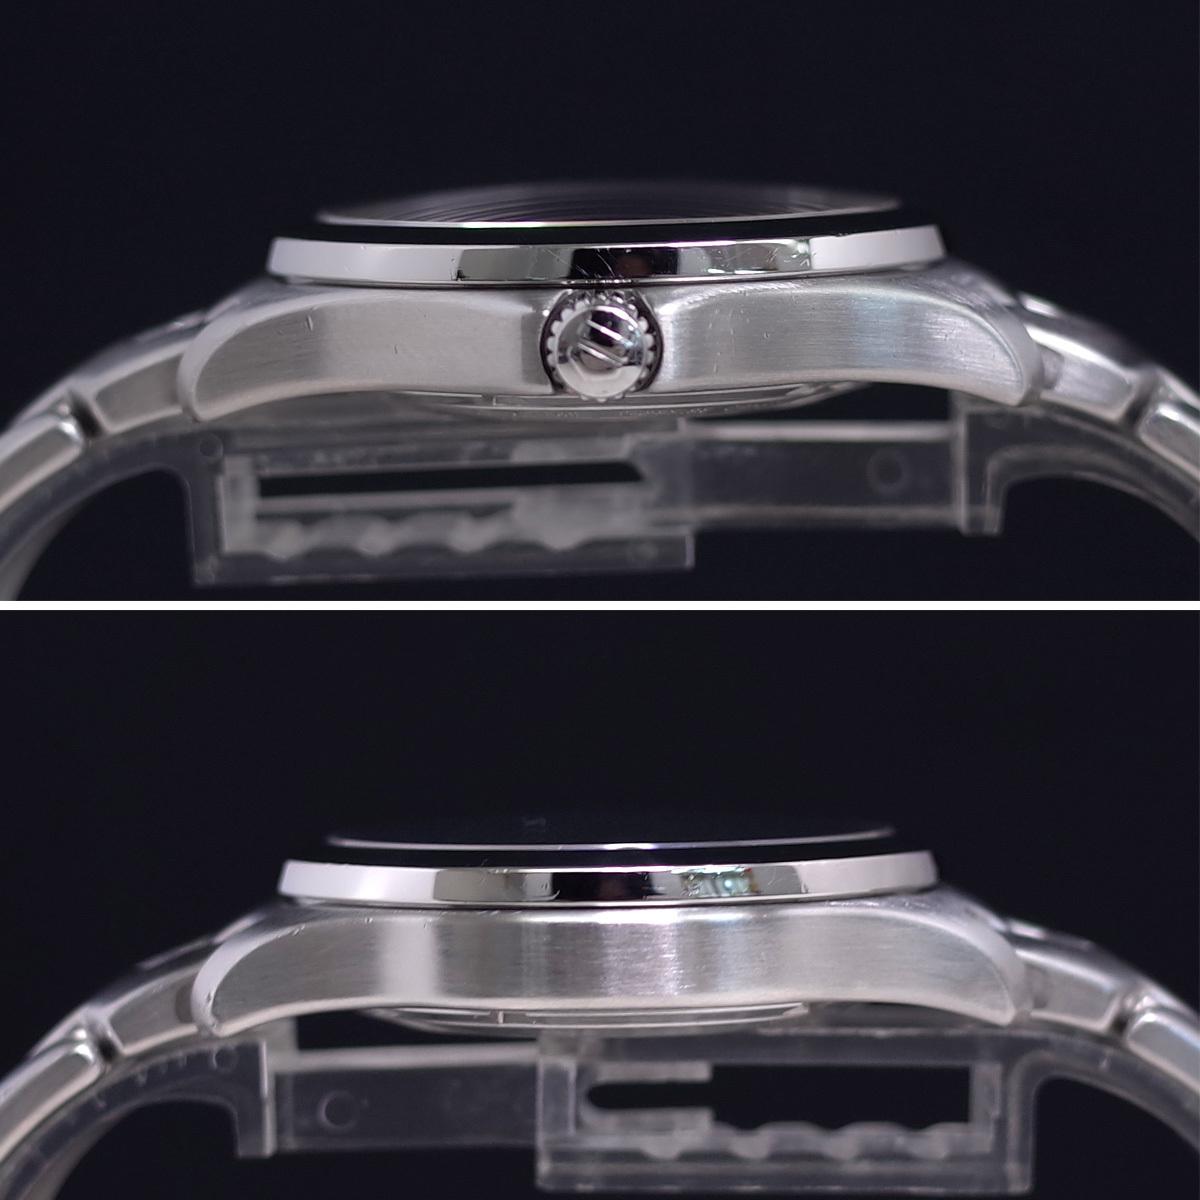 1年保証♪タグホイヤー【リンク】キャリバー6 WJF211A 自動巻 黒文字盤 ブラック ブレスレット 箱 メンズ 腕時計 TAG HEUER_画像7